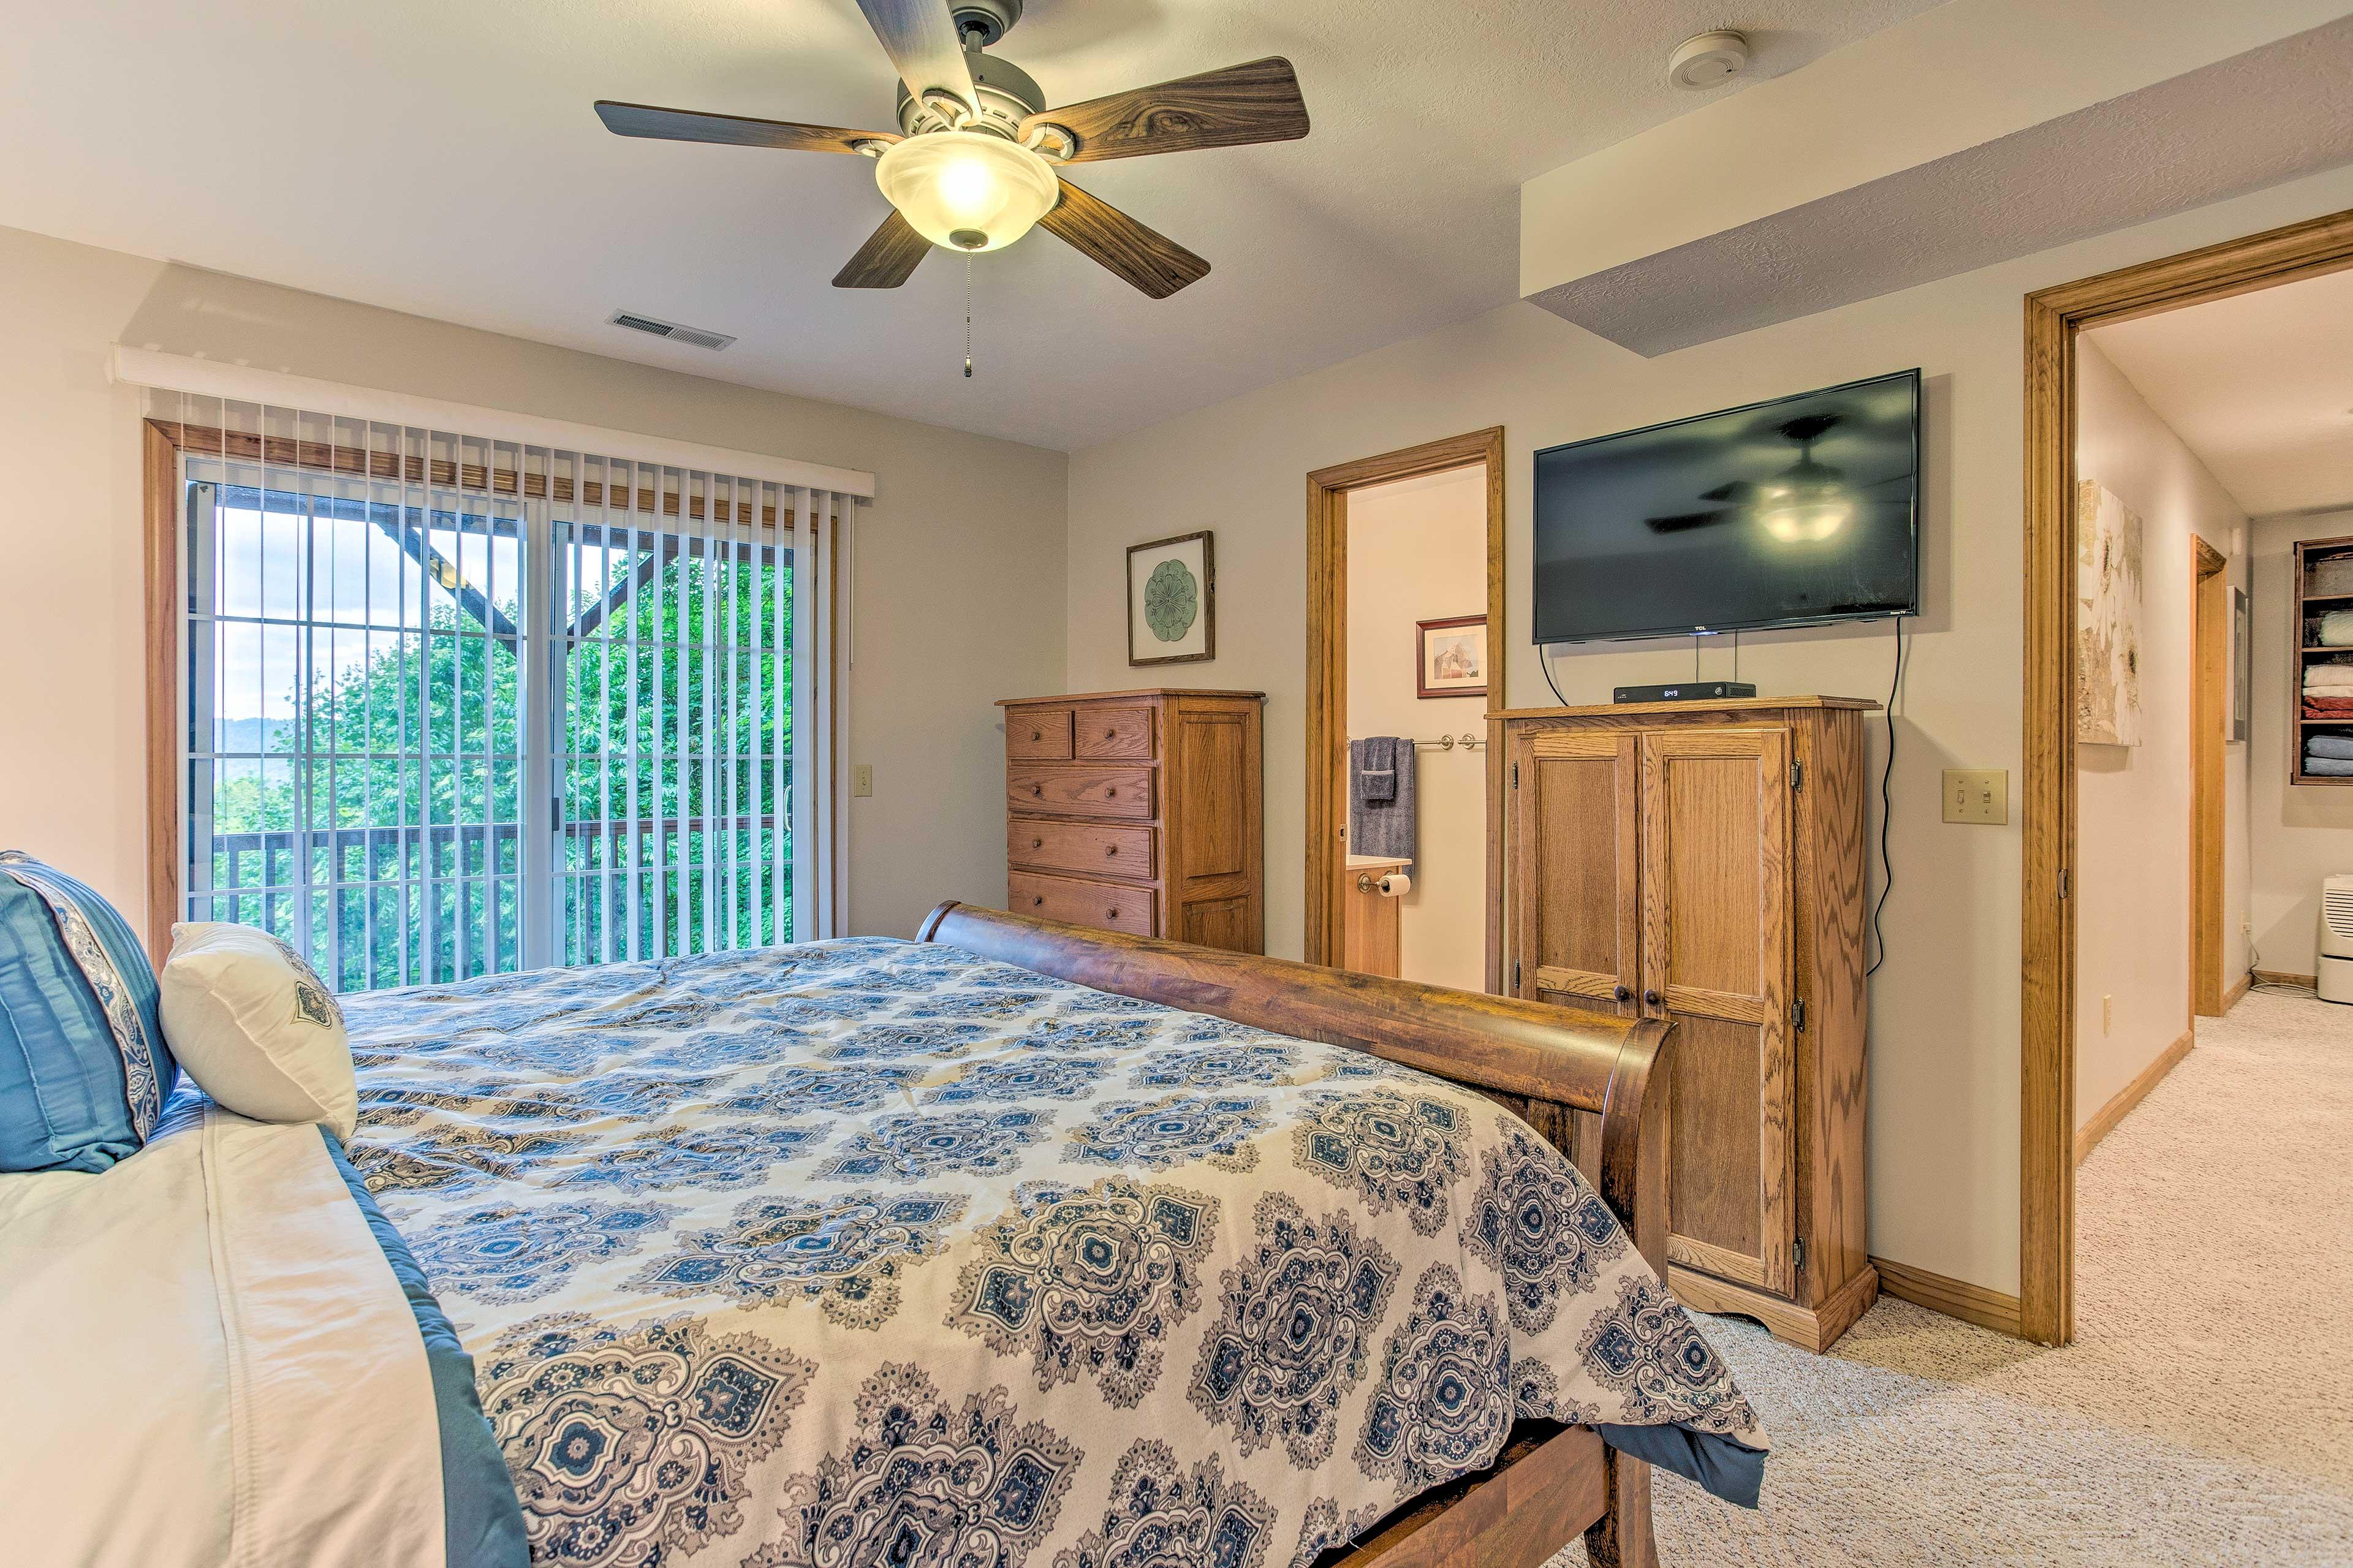 Master Bedroom | Cable TV | En-Suite Bathroom